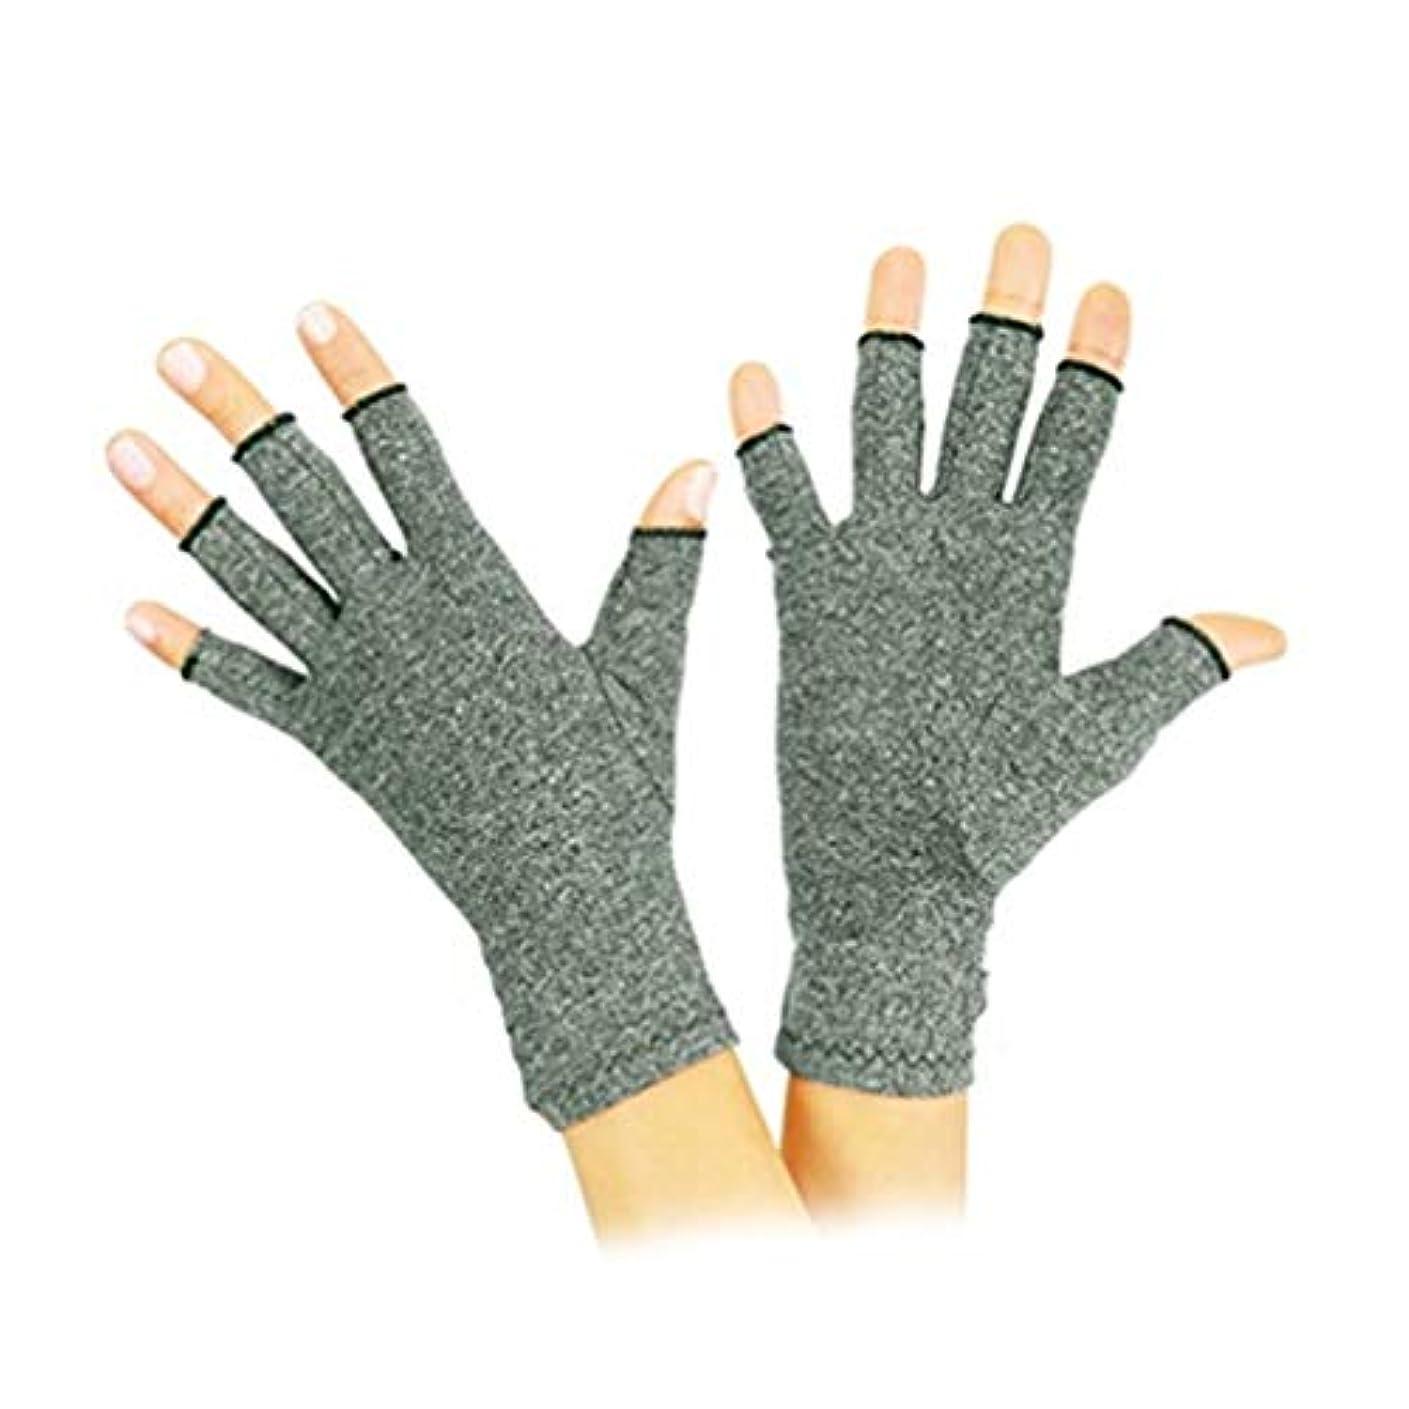 統合争いライン関節リウマチリウマチ性変形性関節症用手袋圧縮手袋コンピュータ入力用痛み緩和